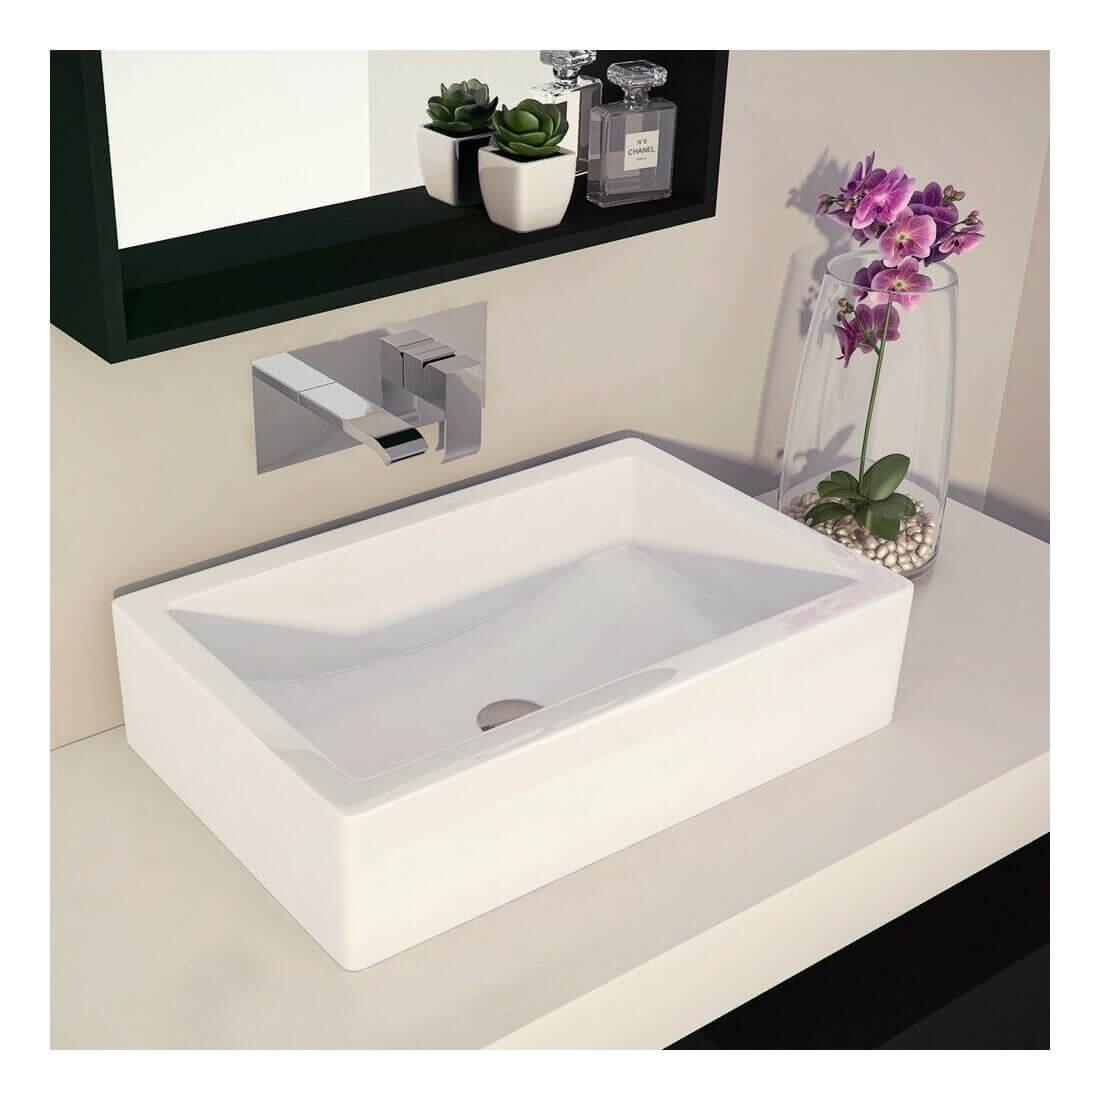 Lavabo sobre encimera aira the bath - Grifos para lavabos sobre encimera ...